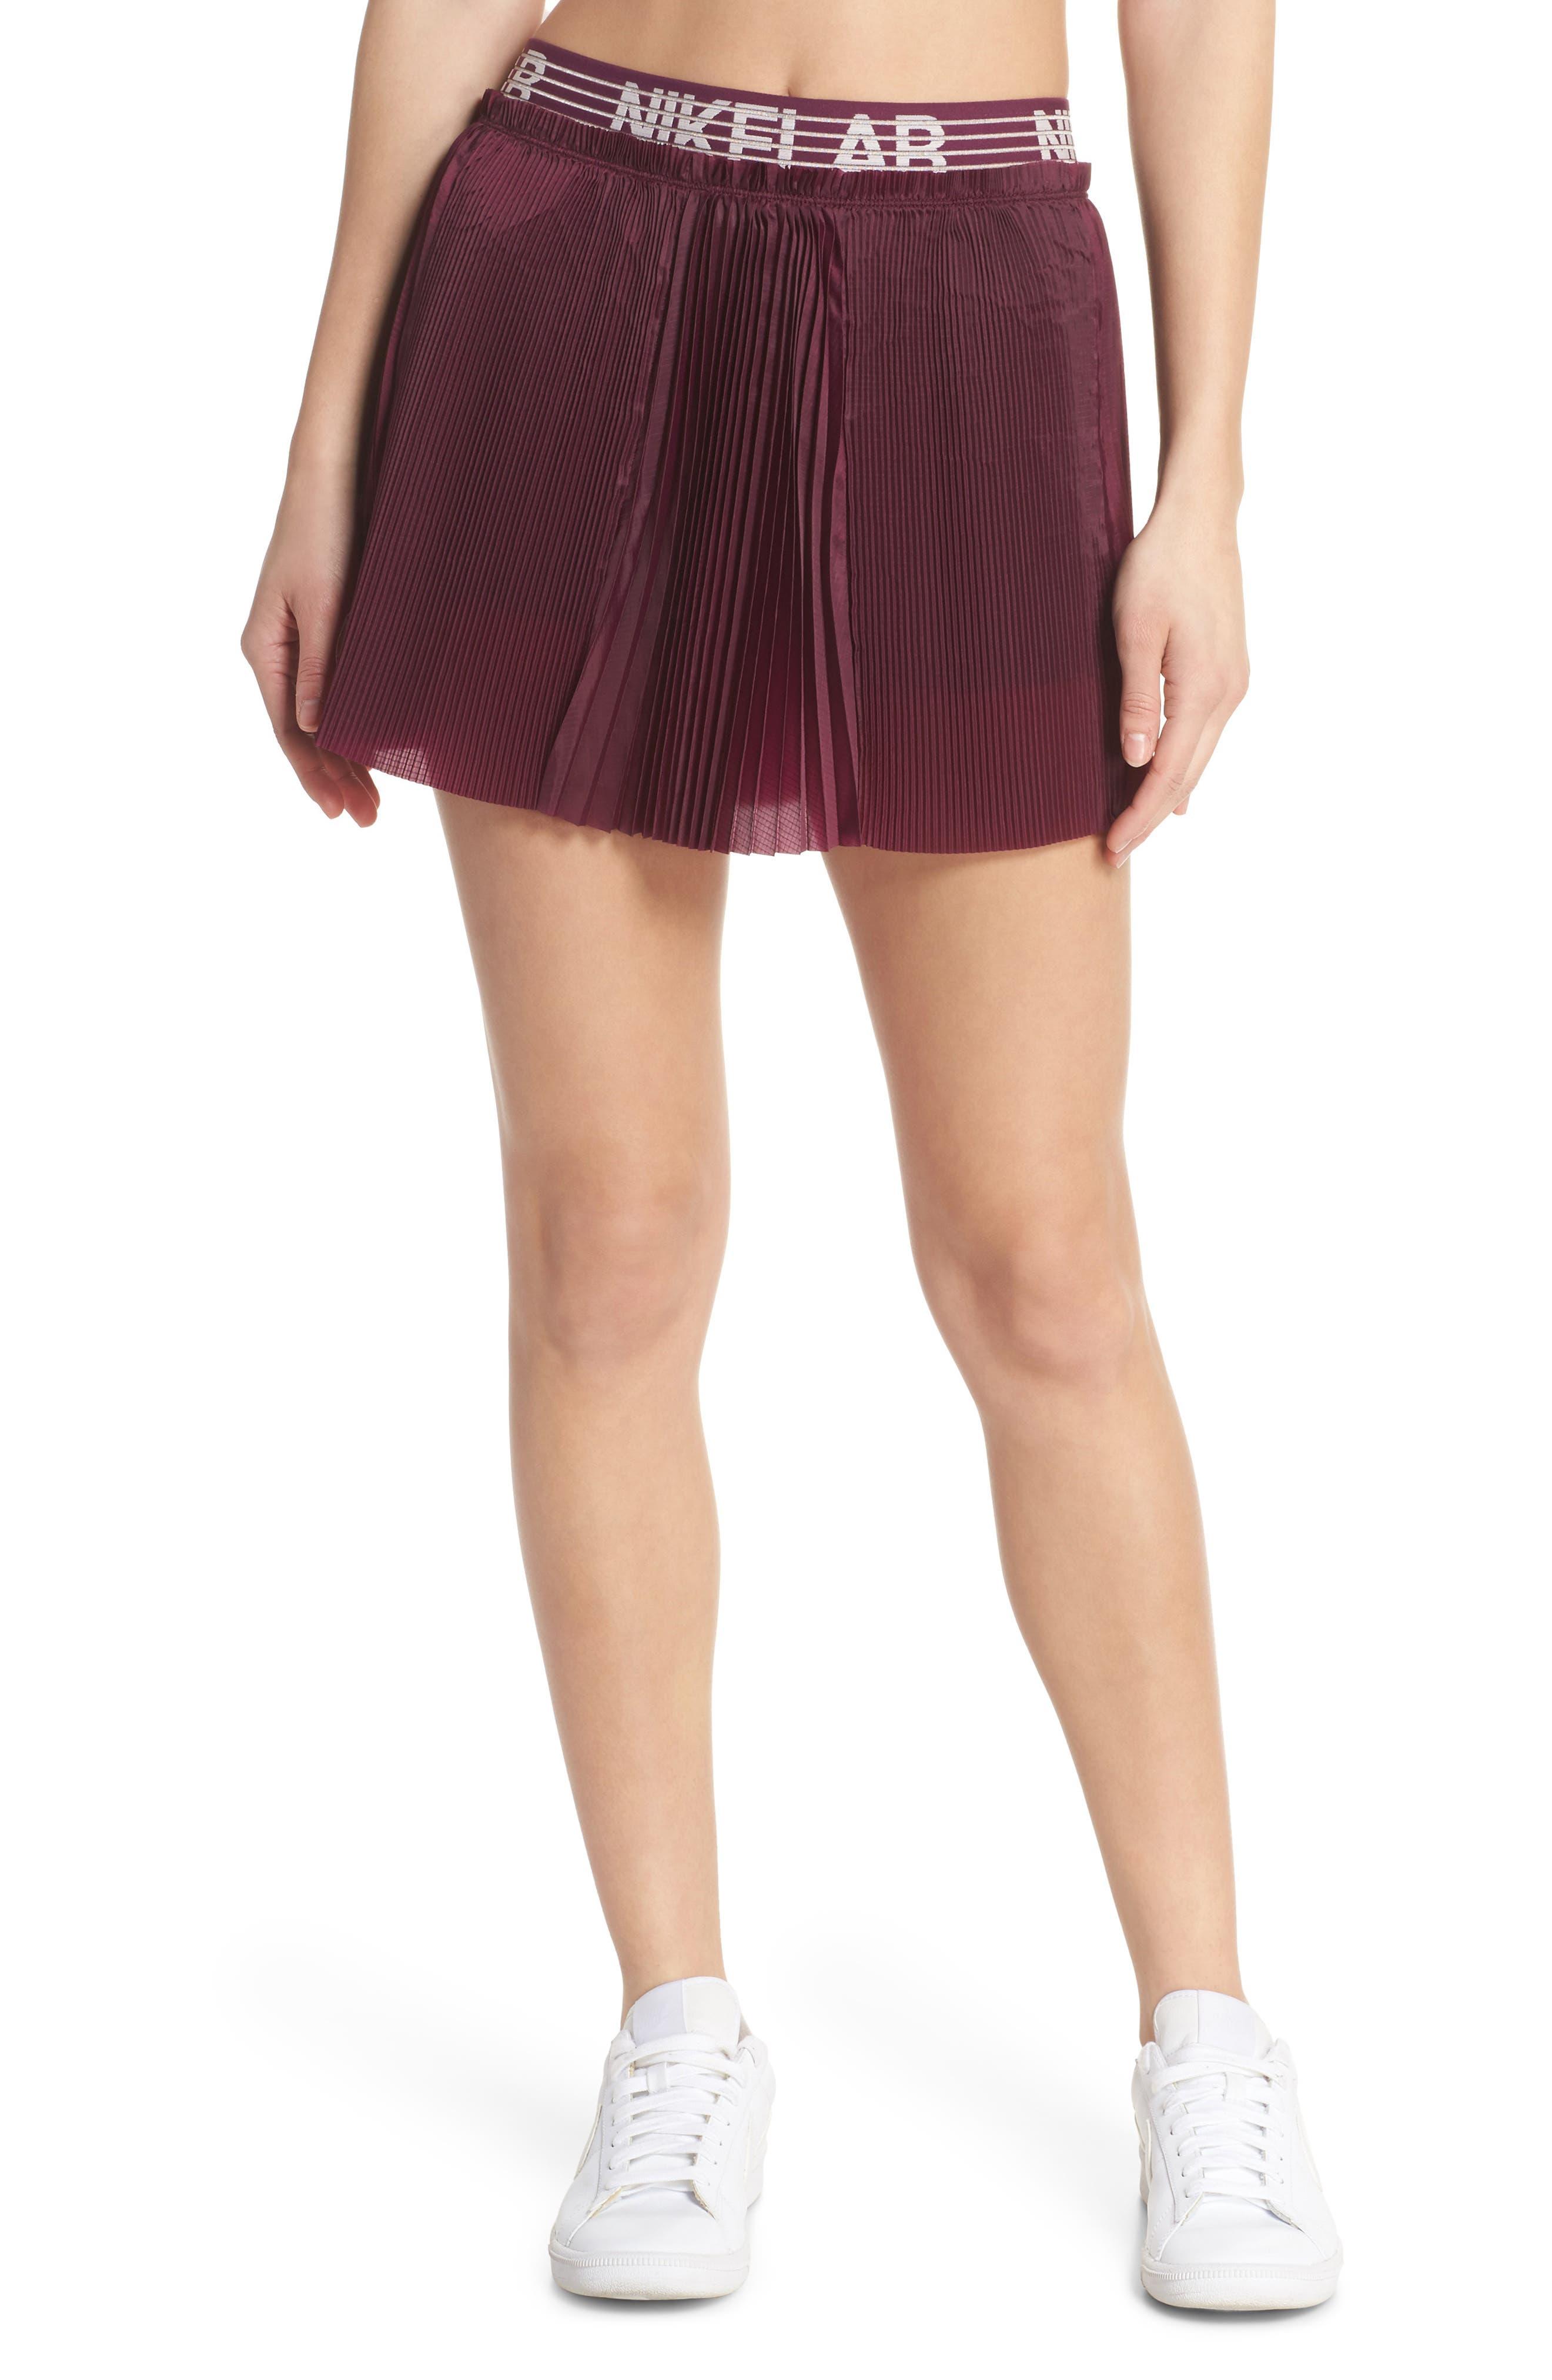 NikeLab Collection Dri-FIT Tennis Skirt,                             Main thumbnail 1, color,                             Bordeaux